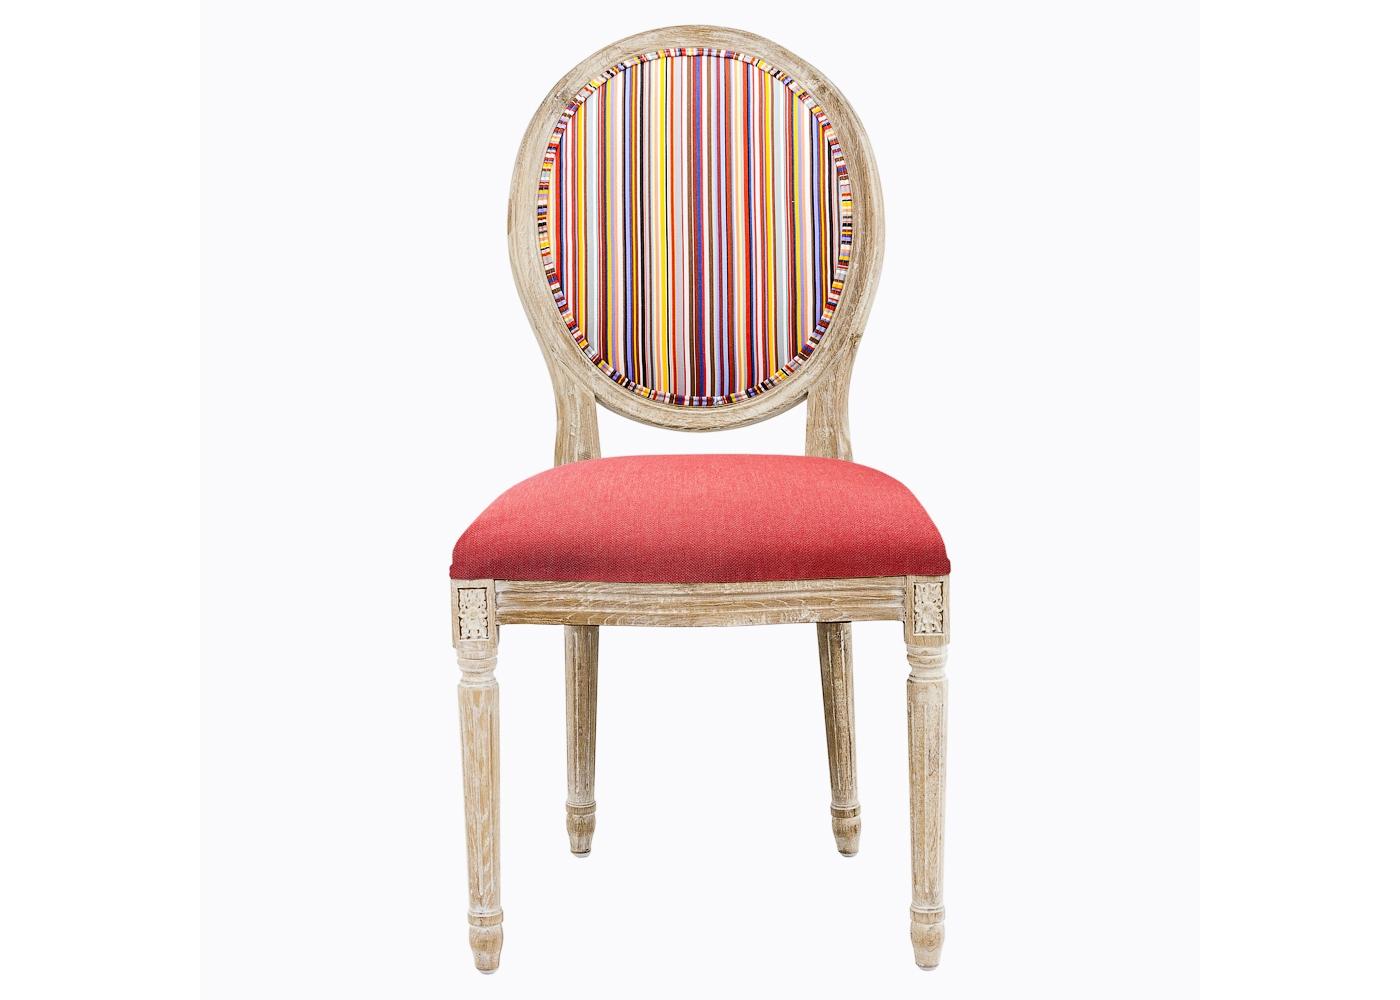 Стул «Руж Страйп»Обеденные стулья<br>Стулья &amp;quot;Руж Страйп&amp;quot; - интерьерный креатив гостиной и столовой, спальни и кабинета, городской квартиры и загородной виллы. Винтажный мотив, исполненный новейшими технологиями, обещают совместимость этой модели с большинством классических и современных стилей.<br>Теплый золотистый оттенок натурального дуба - уникальная цветовая совместимость с абсолютно любым фоном помещения и большинством интерьерных жанров, от классицизма до &amp;quot;шале&amp;quot;. Искусное патинирование - не только дань винтажной моде, но и справедливый намек на исключительную долговечность мебели из натурального дуба. <br>Мягкость, комфортабельность и долговечность сидения обеспечены внутренней подвеской из эластичных ремней.<br><br>Material: Дерево<br>Width см: 50<br>Depth см: 58<br>Height см: 99